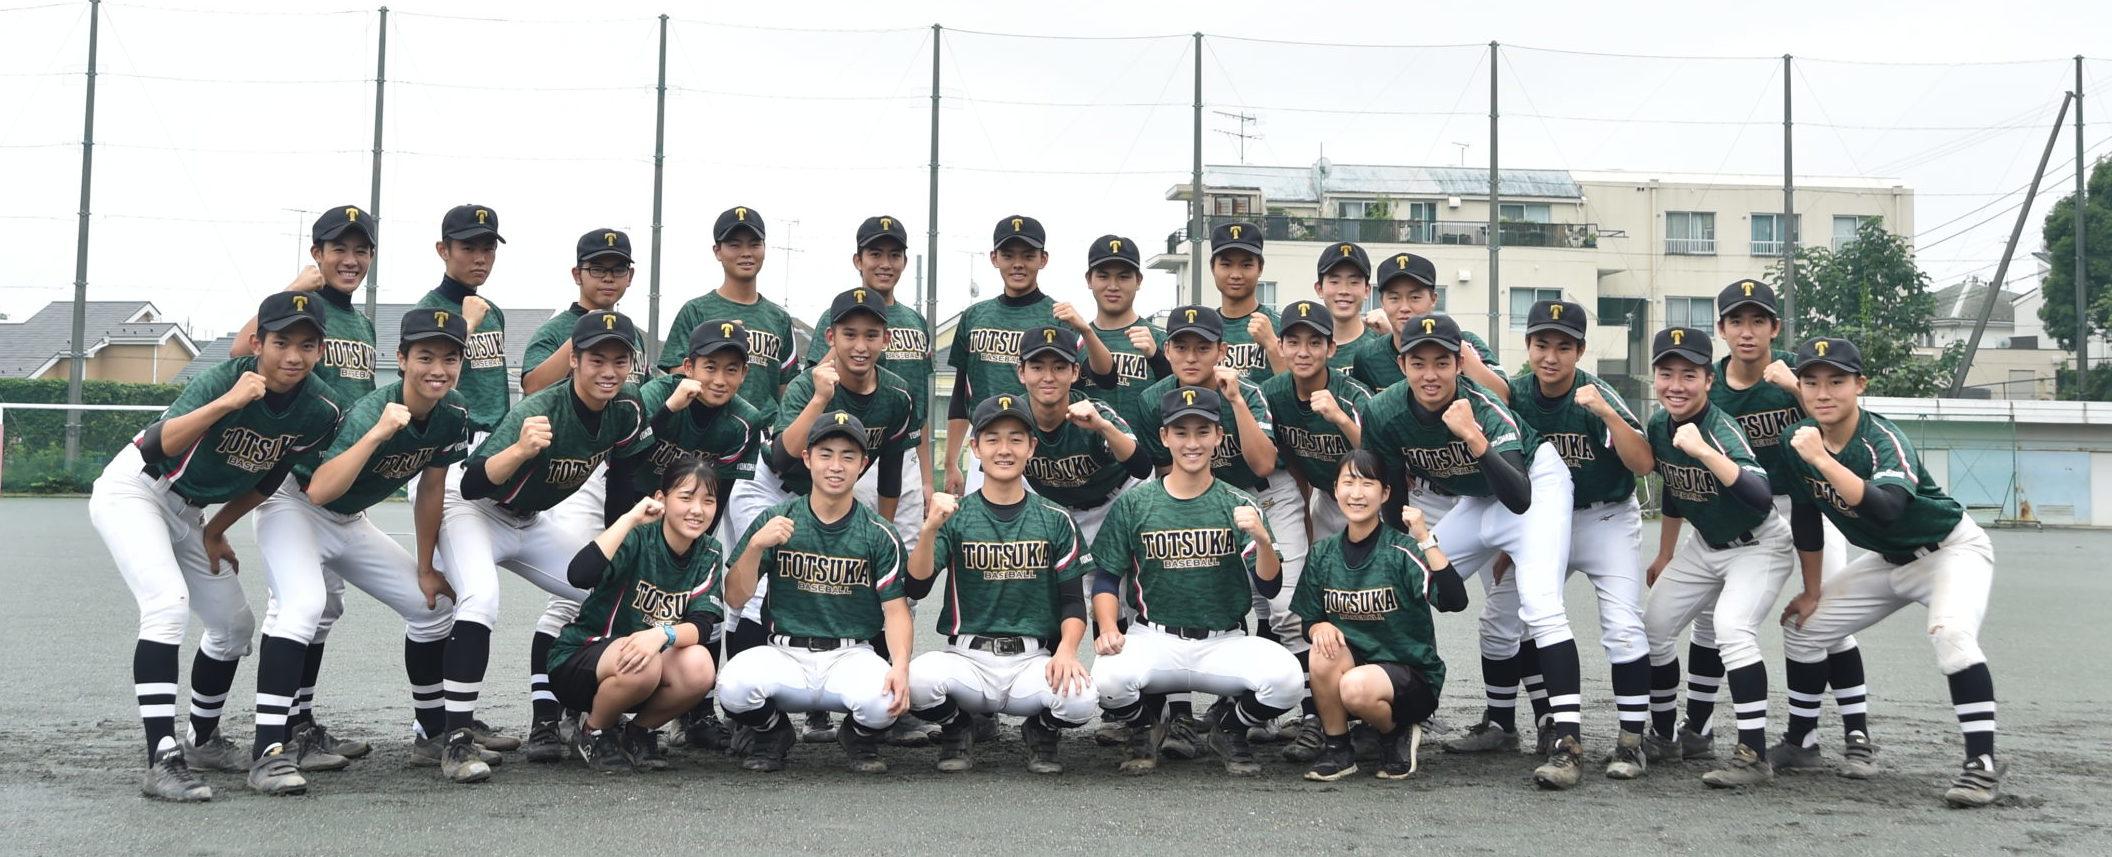 【戸塚 野球部】「有意義な時間」 #戸塚高校